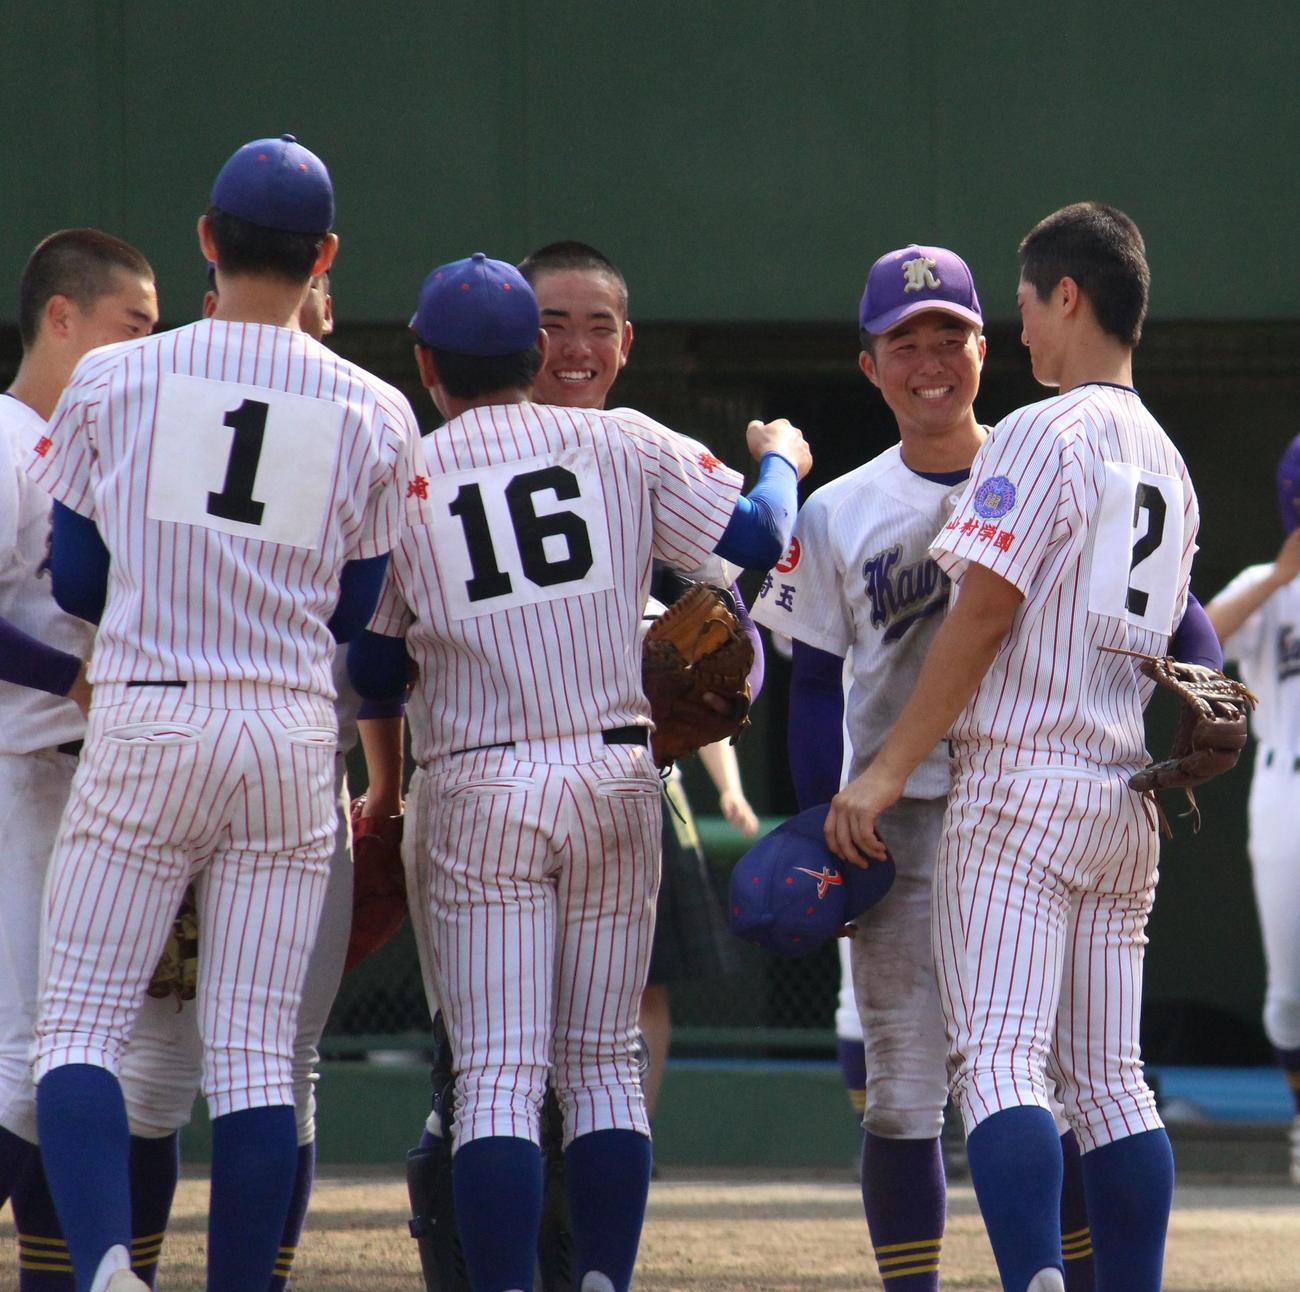 川口対山村学園 試合後、笑顔でコミュニケーションをとる両チームの選手たち(撮影・保坂恭子)